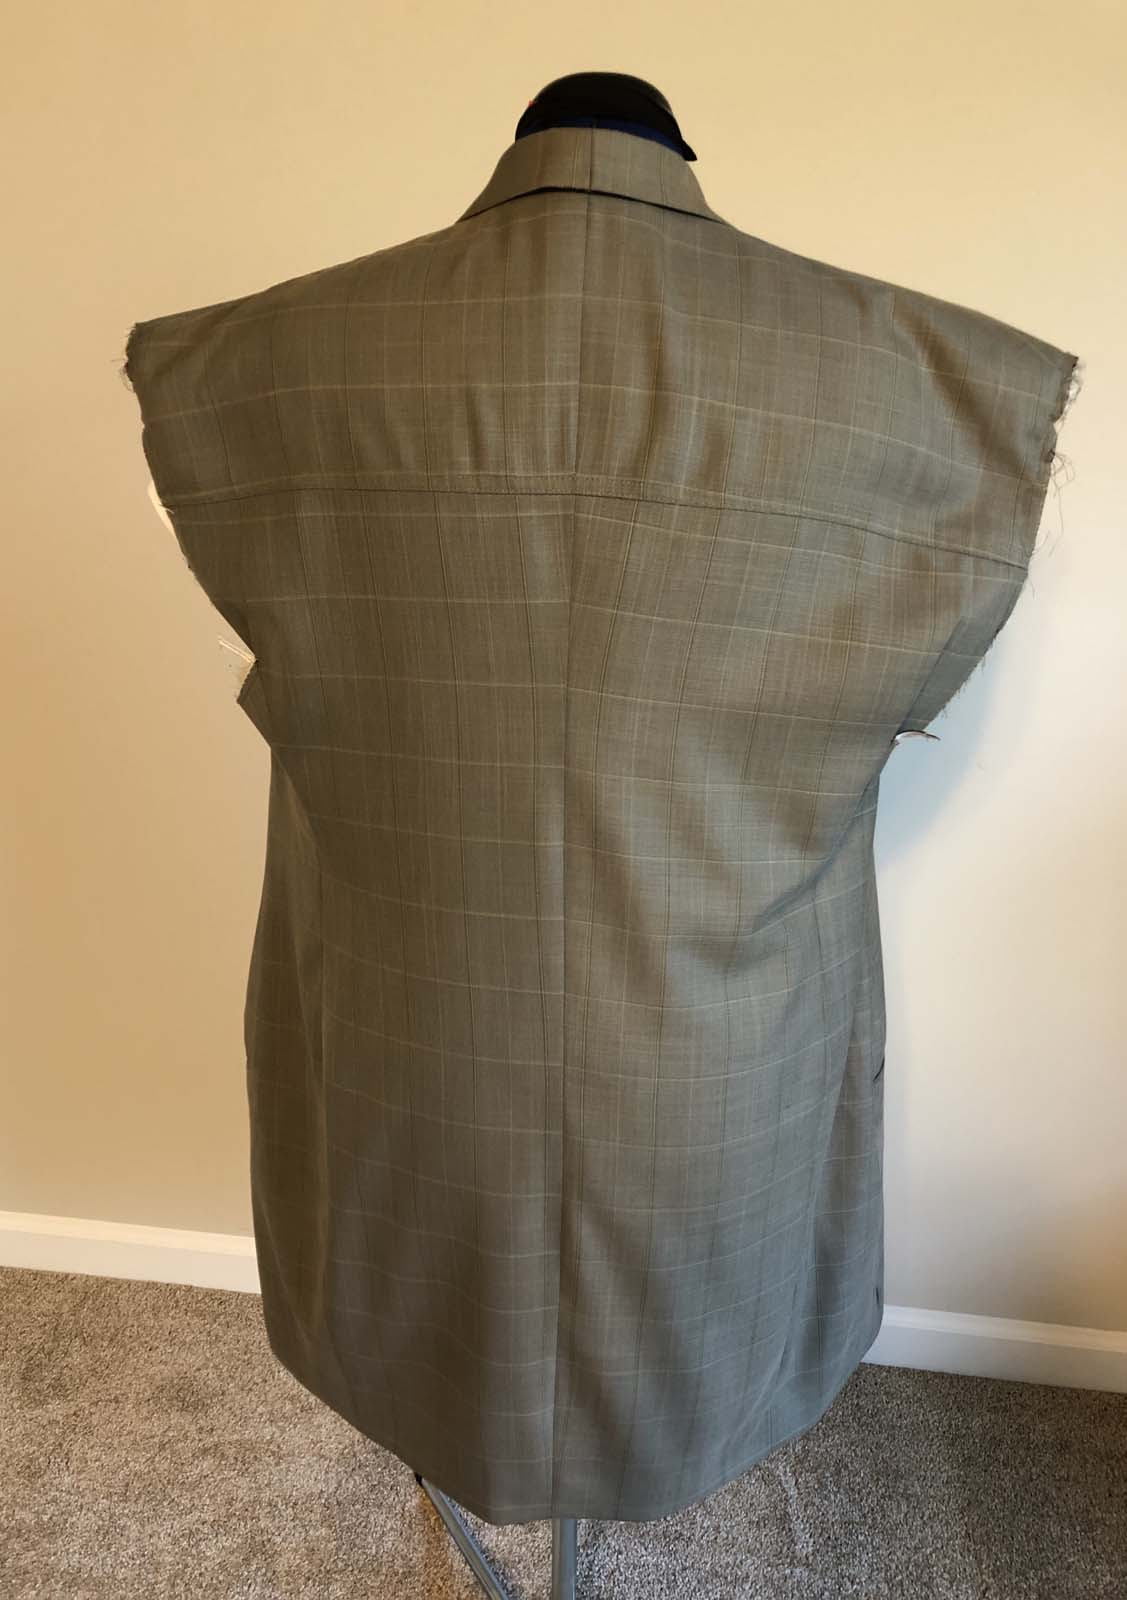 Sleeveless suit jacket back with new yoke